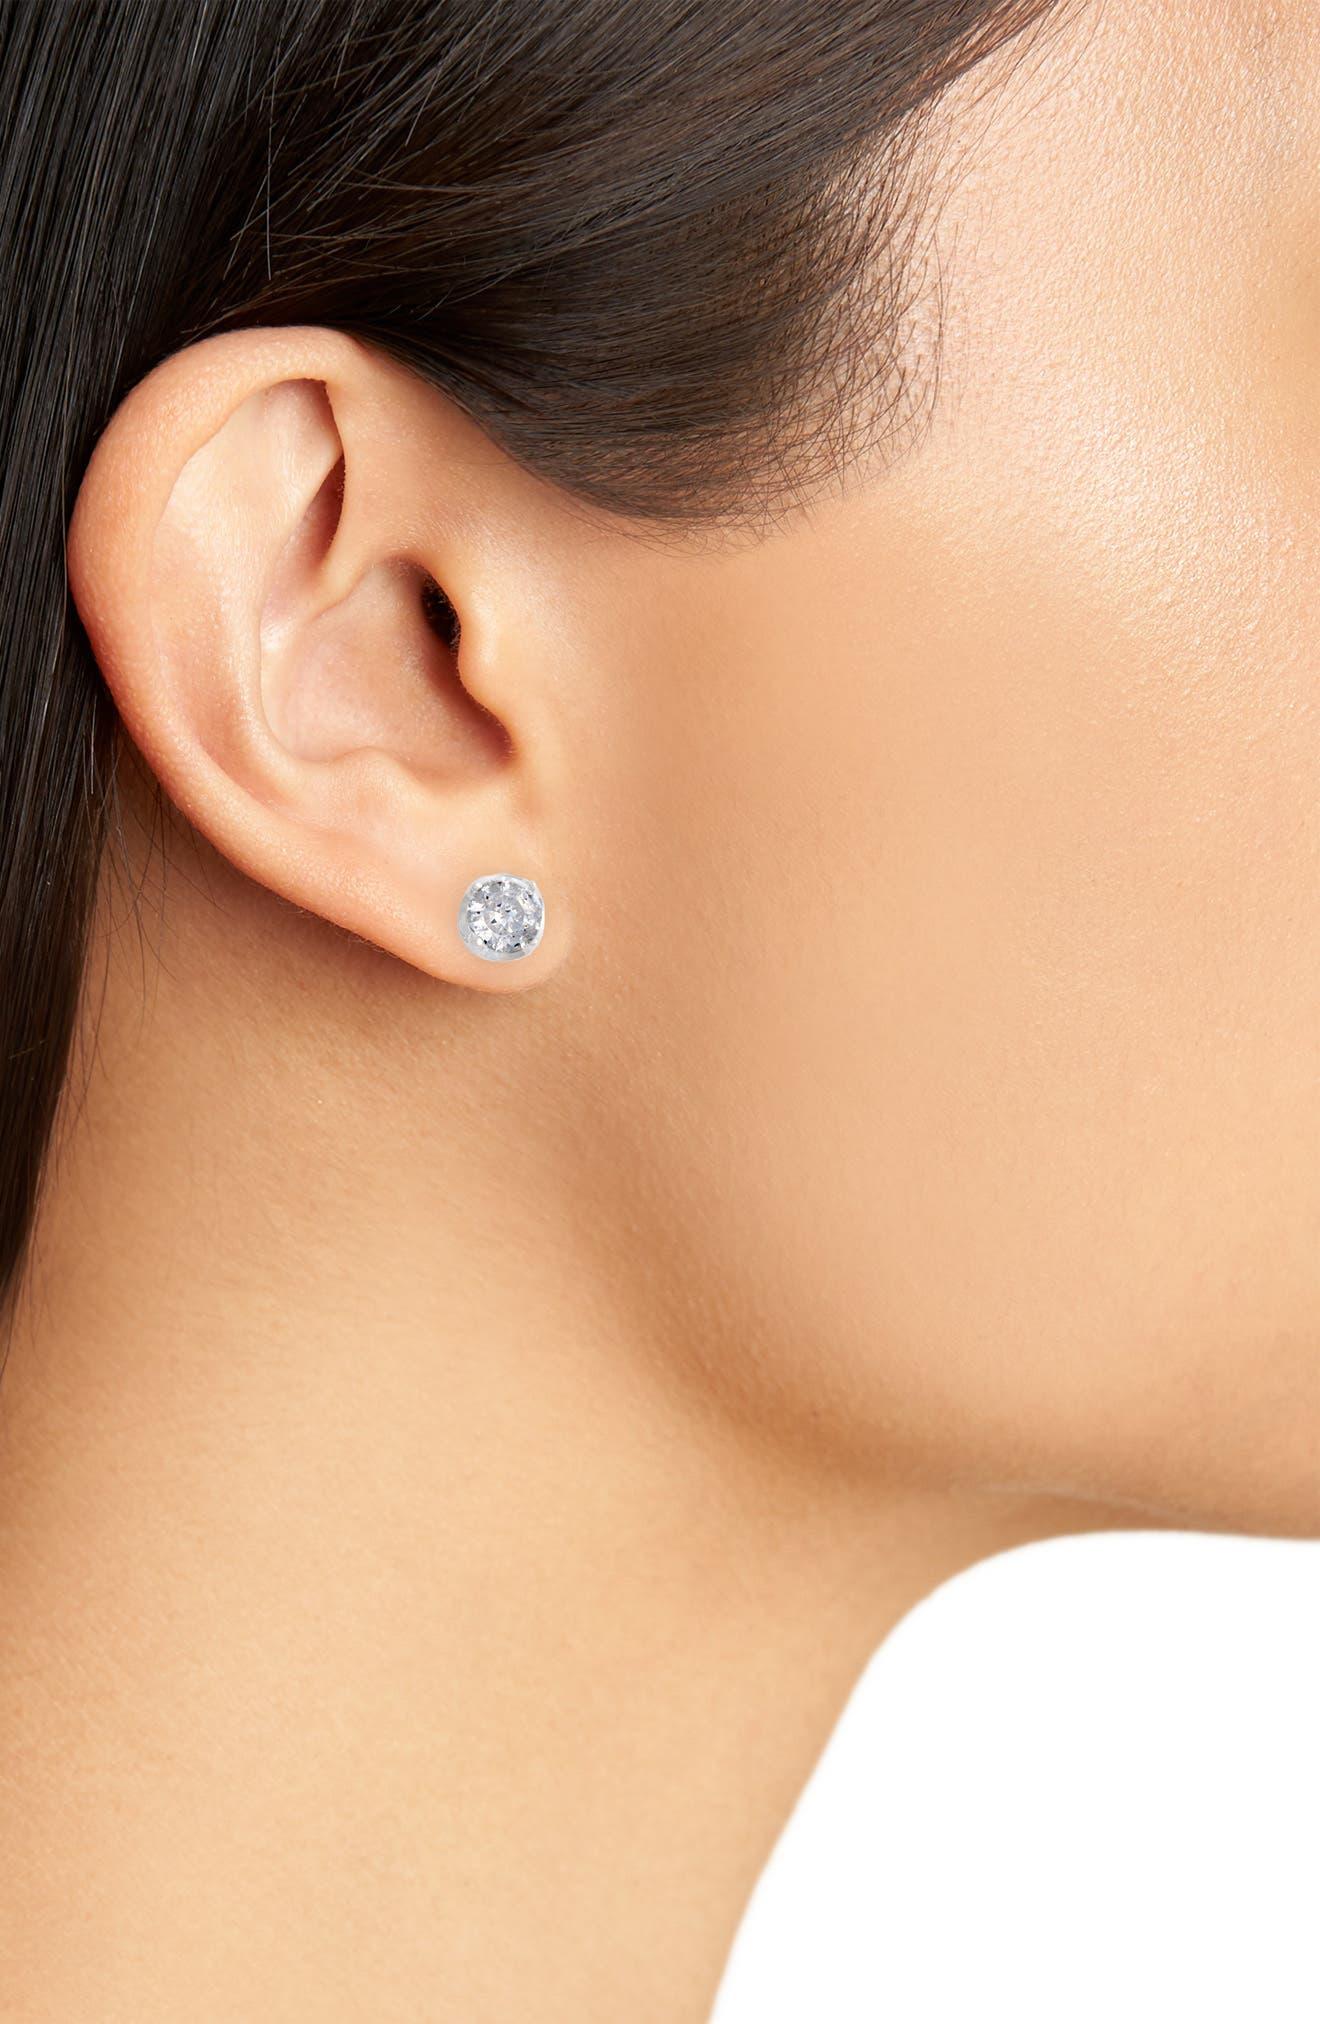 Simulated Diamond Stud Earrings,                             Alternate thumbnail 2, color,